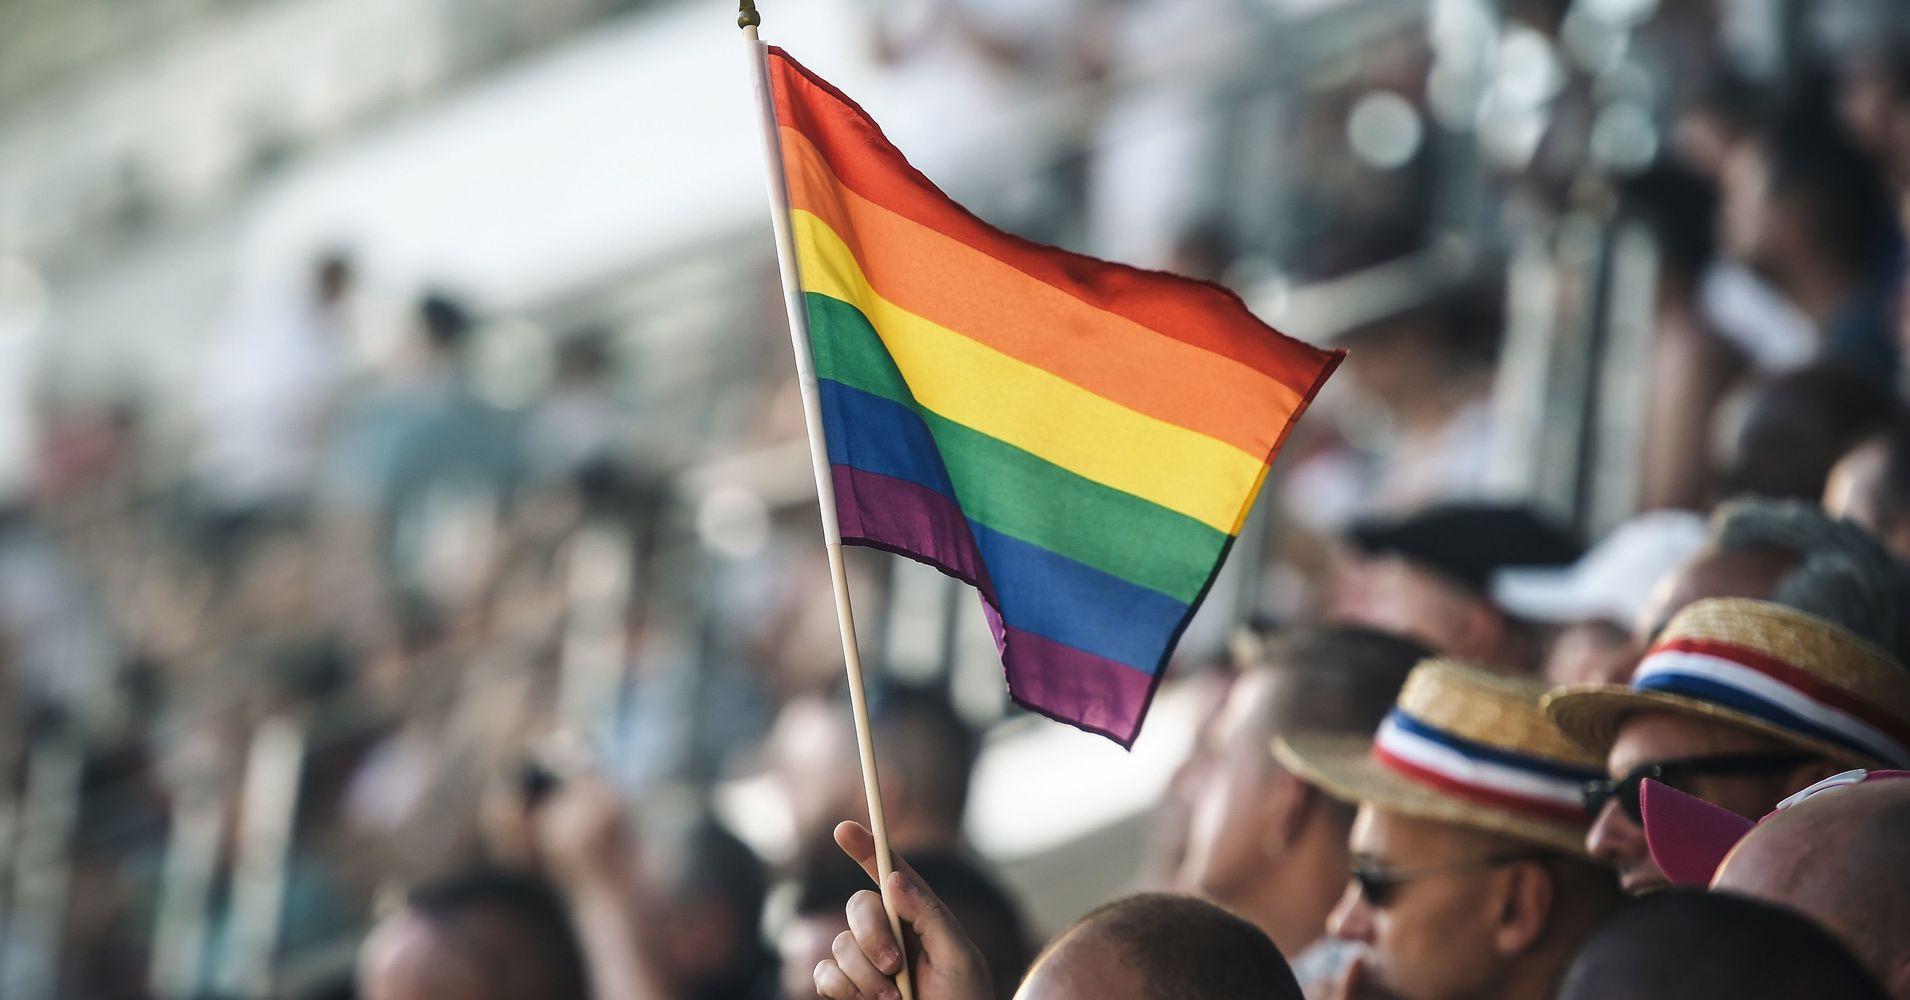 rencontre gay paris 15 à Toulon